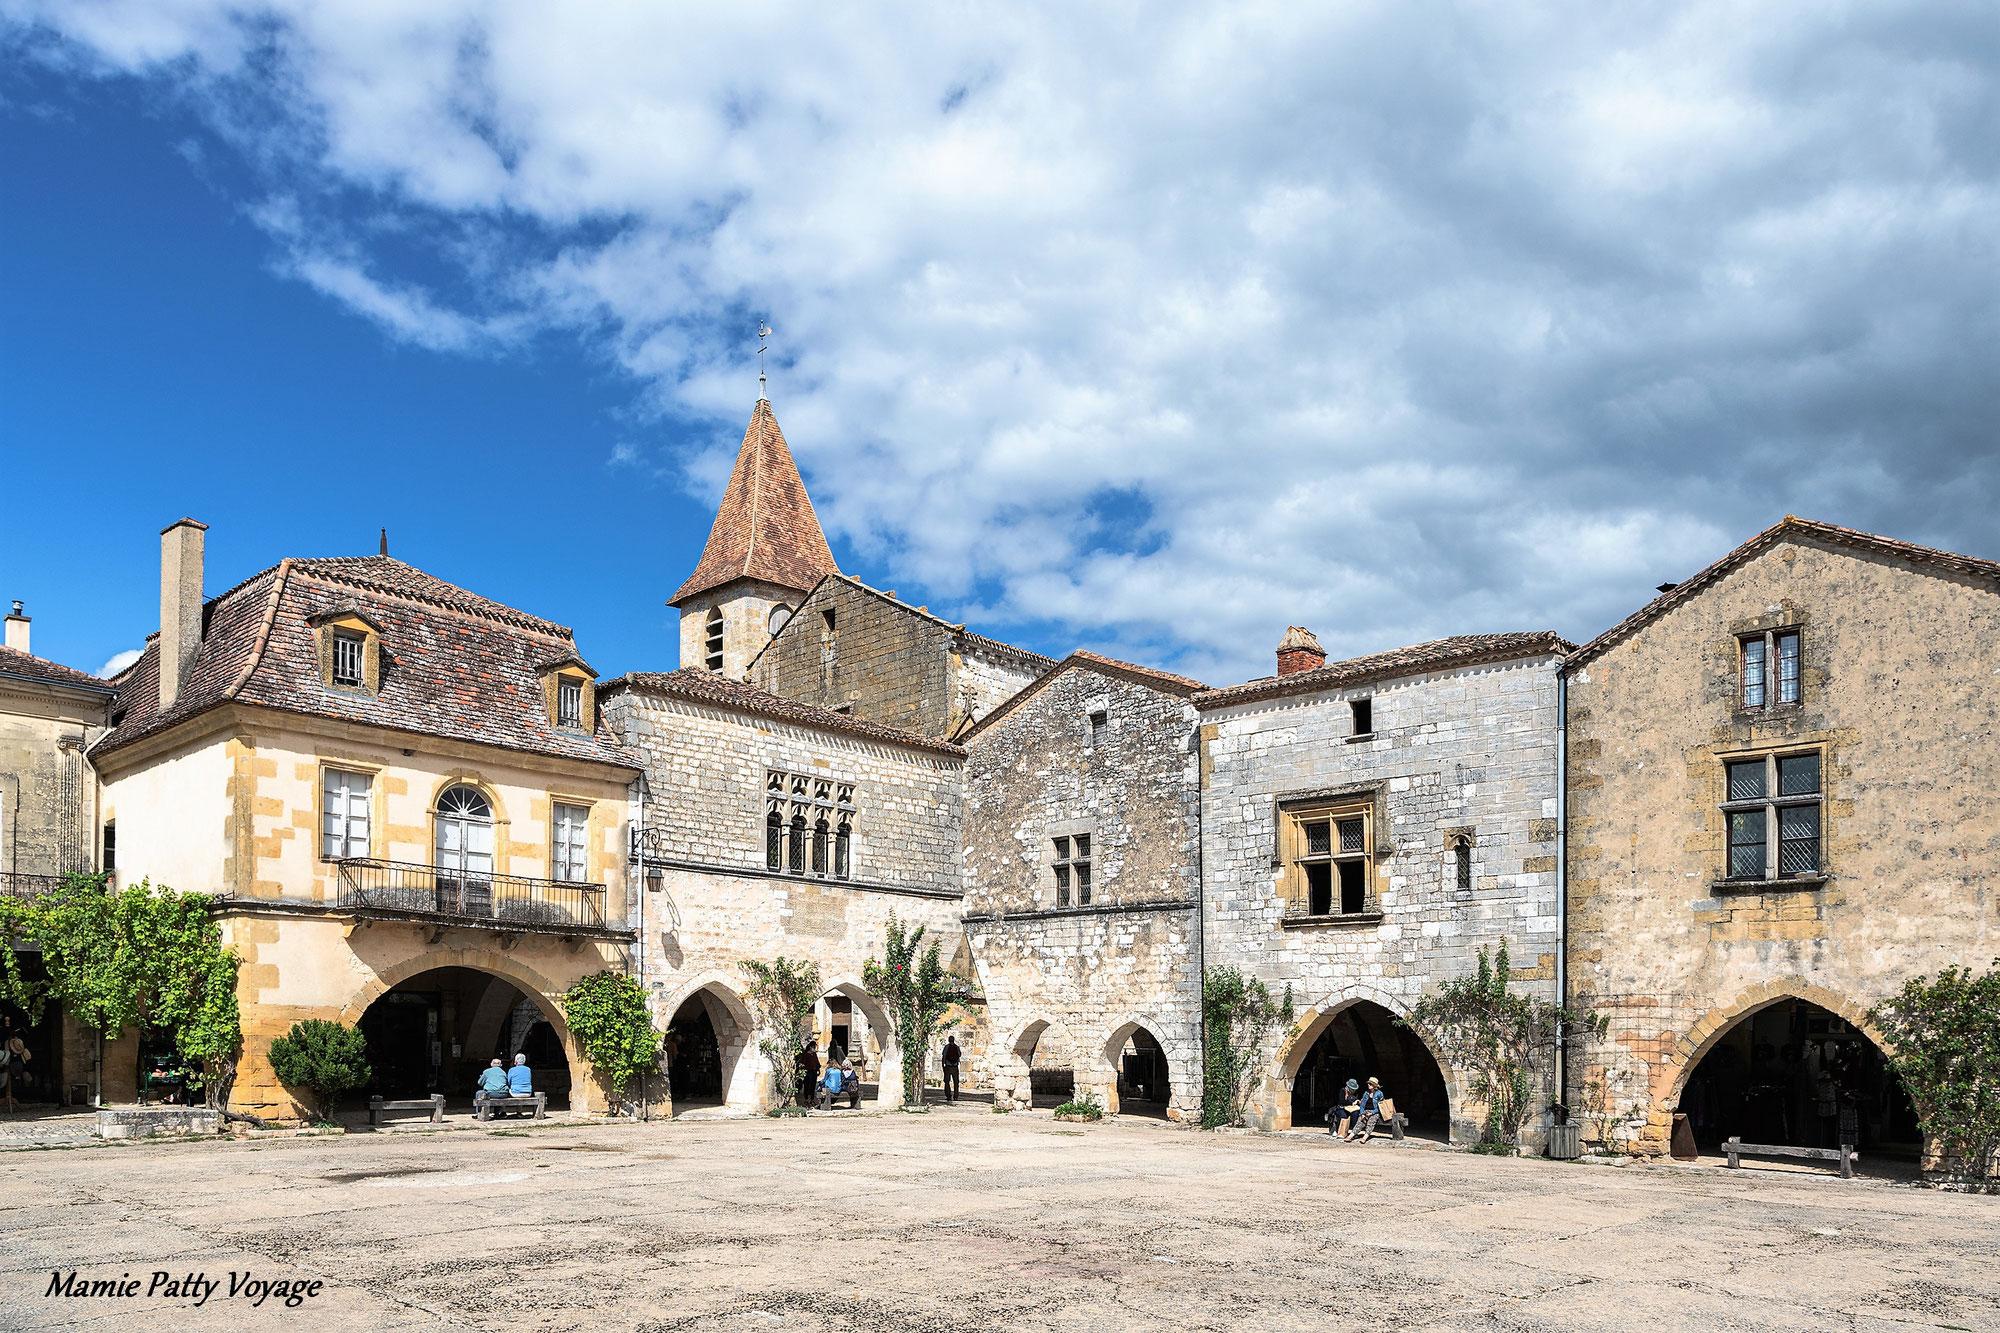 Domme et Monpazier, 2 bastides remarquables du XIIIe siècle